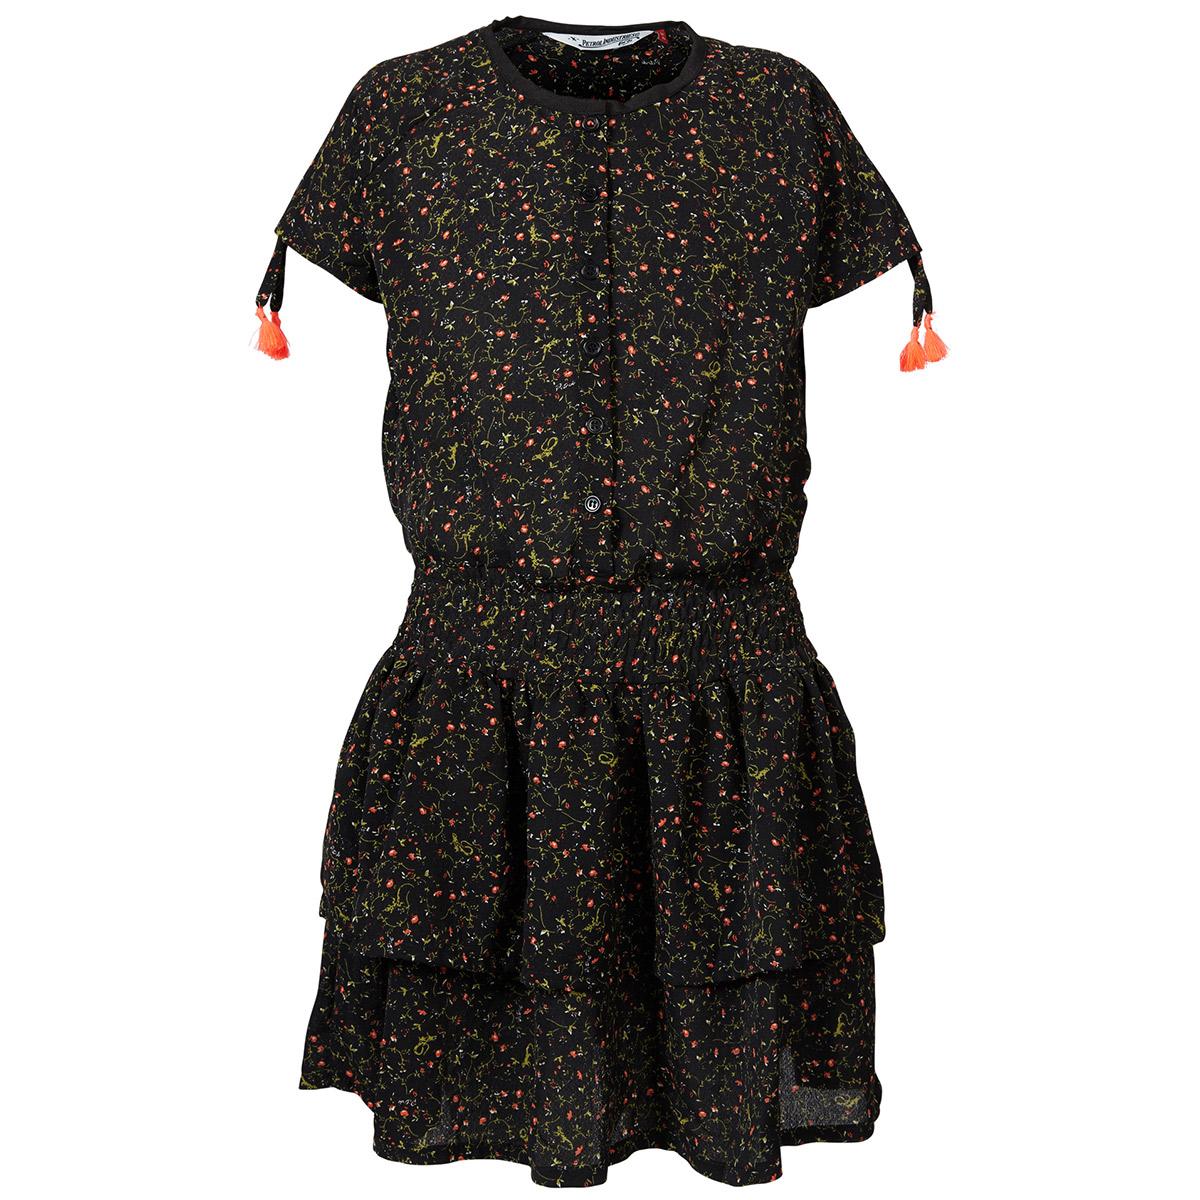 5ad45edb94e815 Meisjes jurken & rokken bestel je online bij